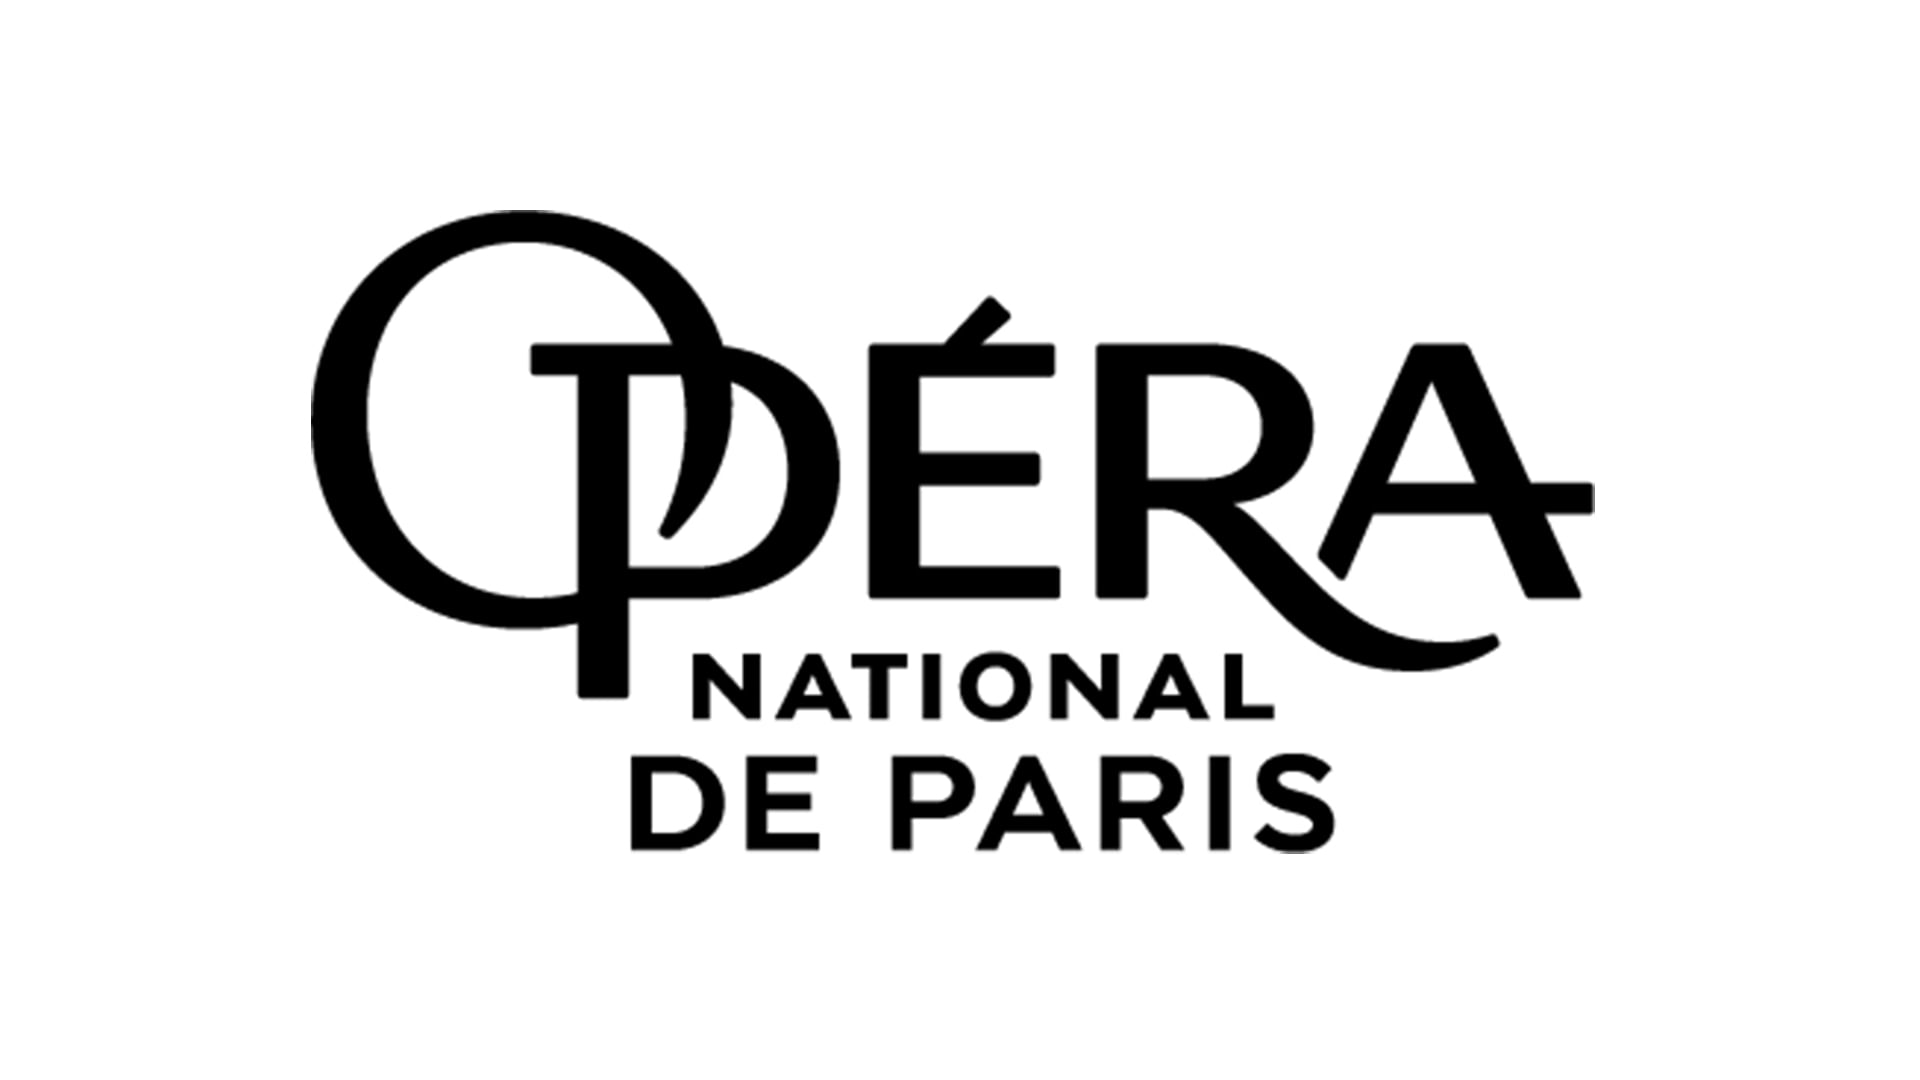 Pariser Nationaloper